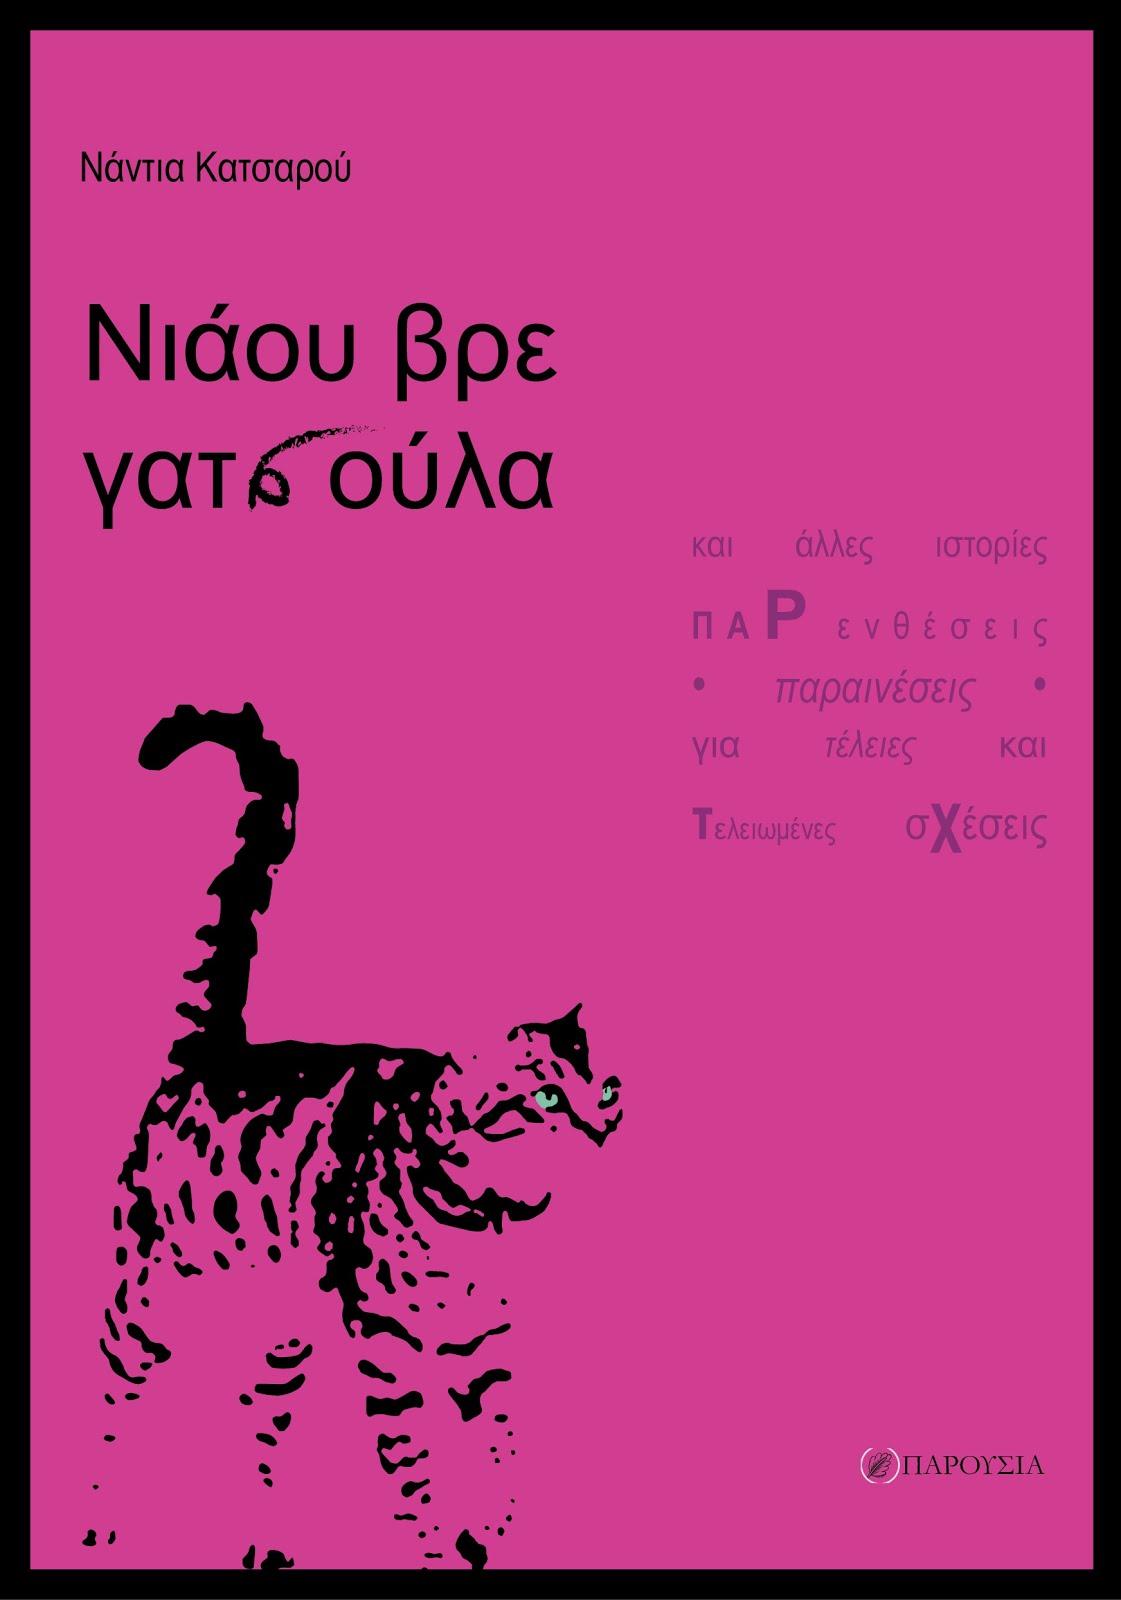 Νάντια Κατσαρού: Νιάου βρε γατσούλα